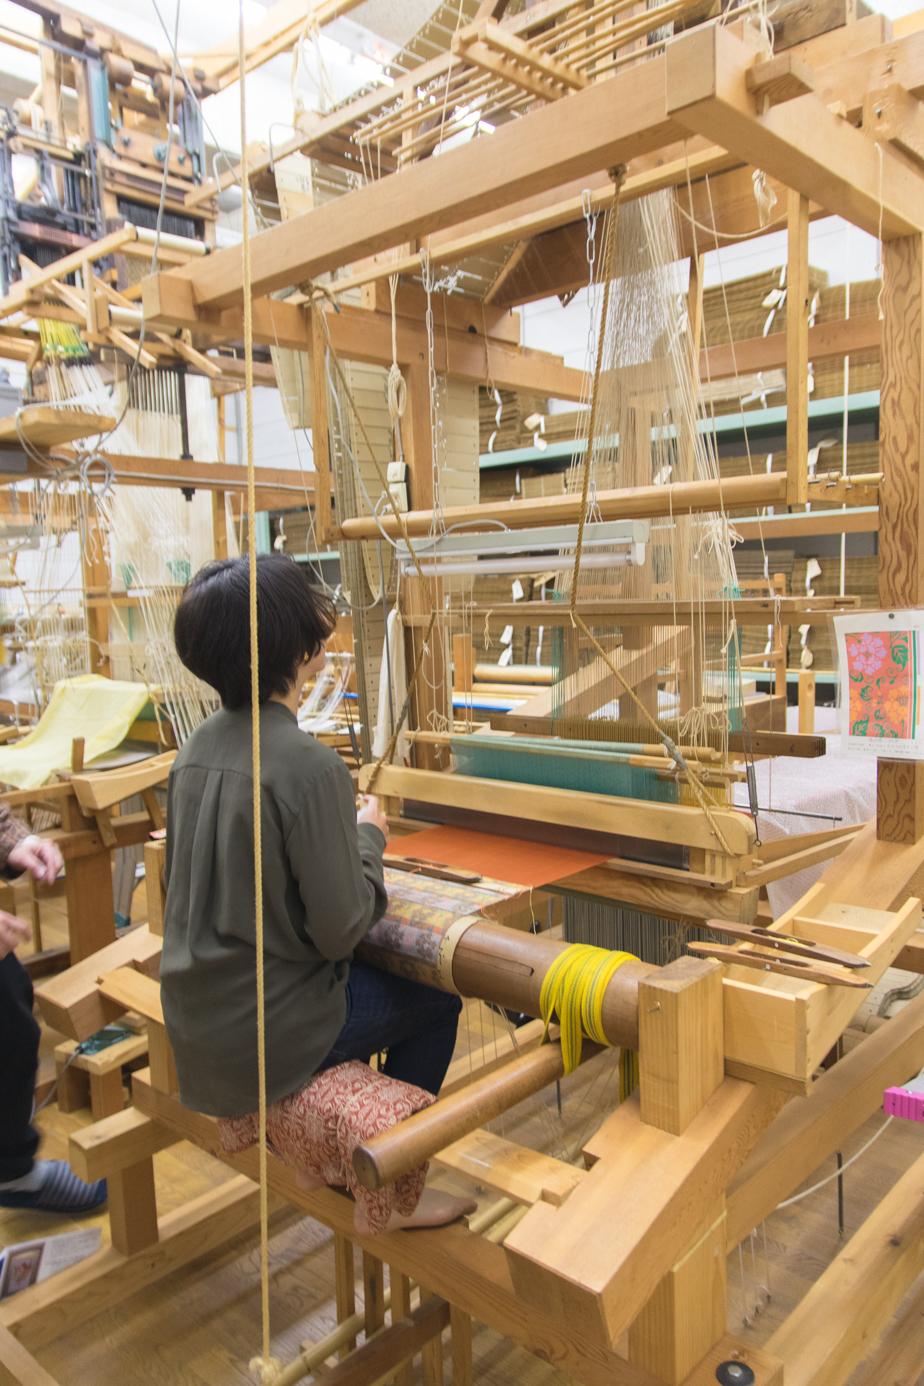 「高機」と呼ばれる難易度の高い手織り機。とても大きく、身長150cm未満の私は、足を踏木に伸ばすので精一杯!